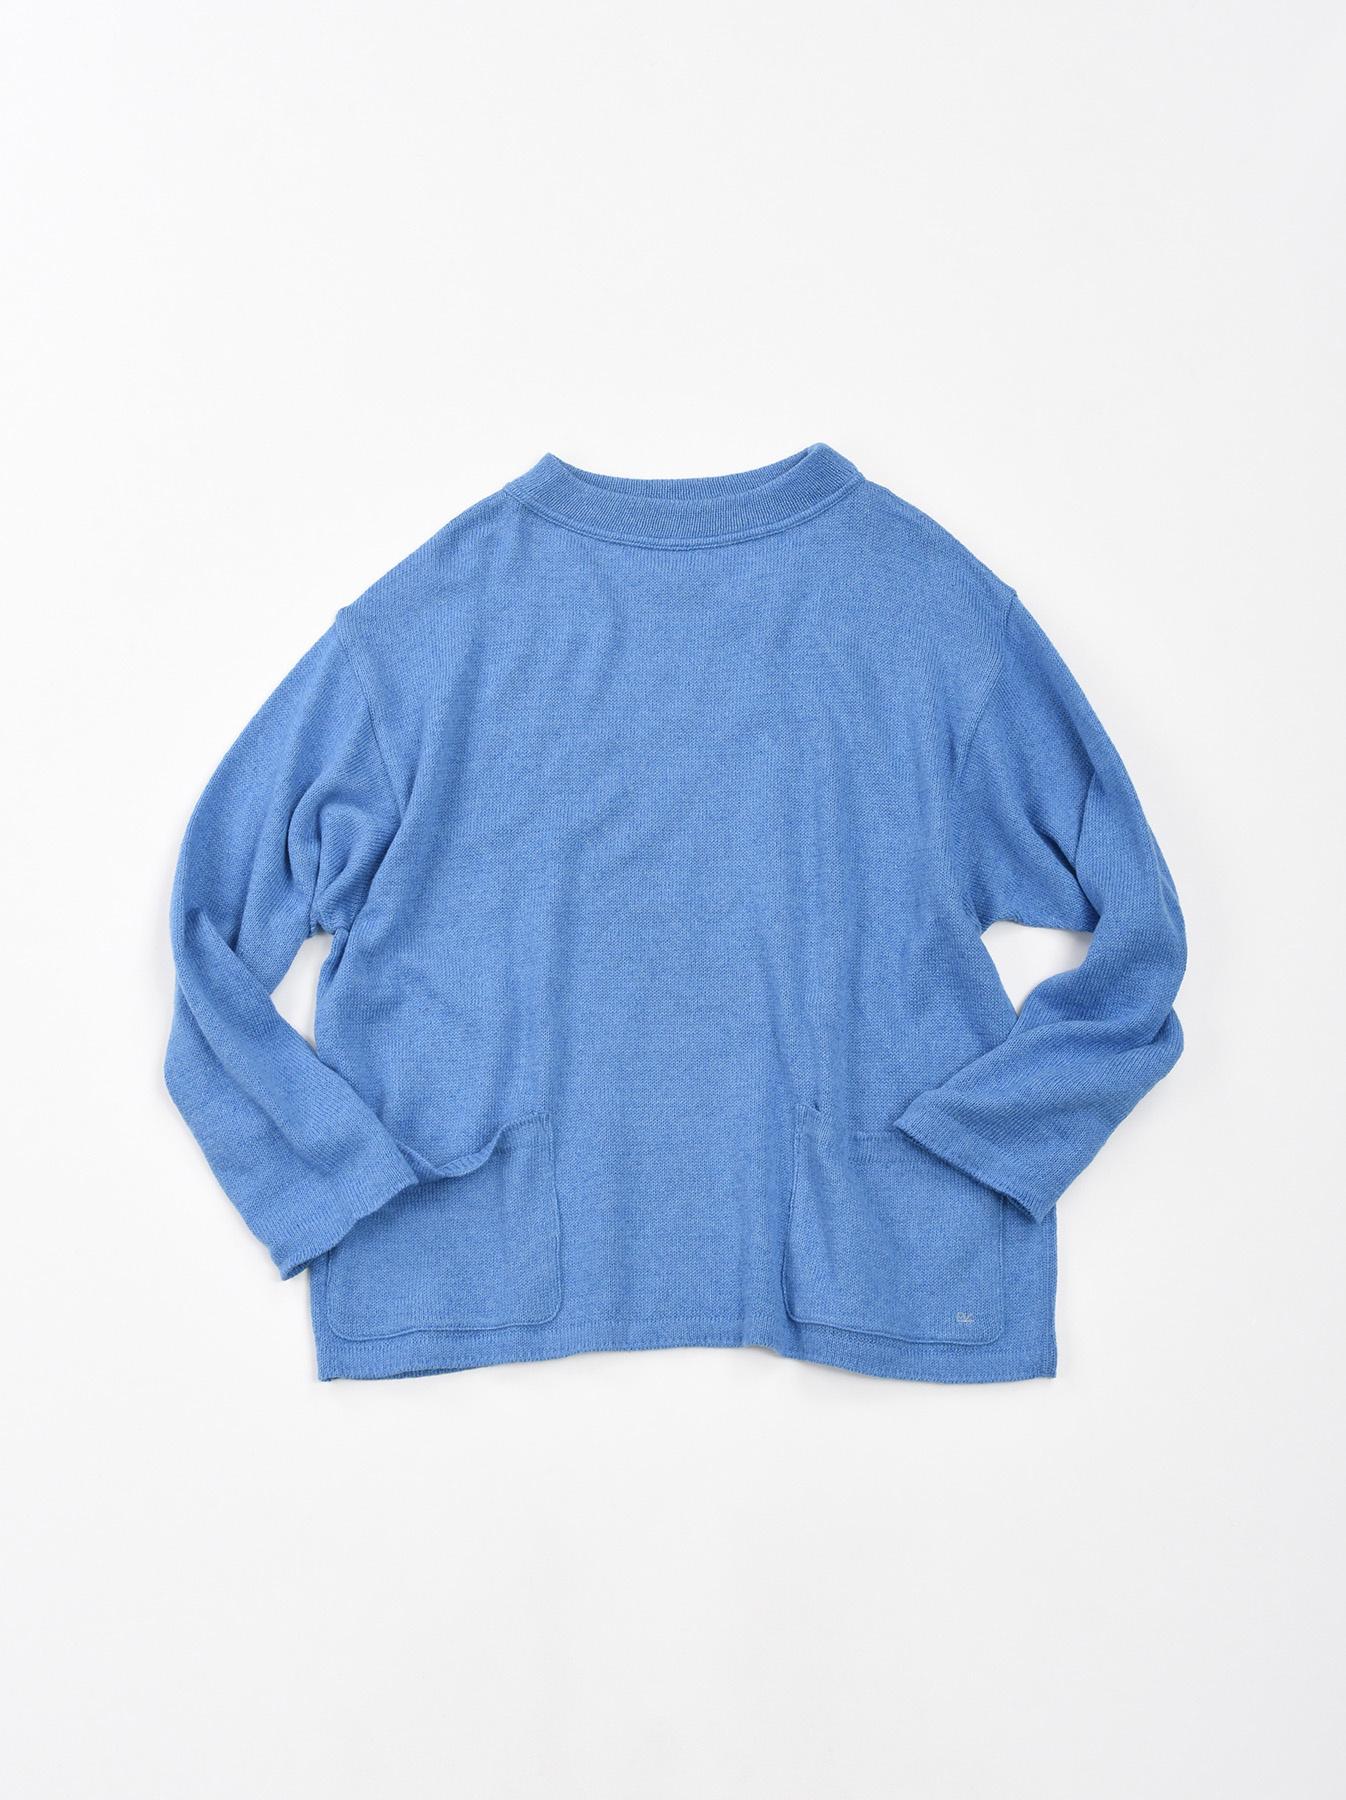 Zimbabwe Cotton Knit-sew 908 Uma Sweater-6